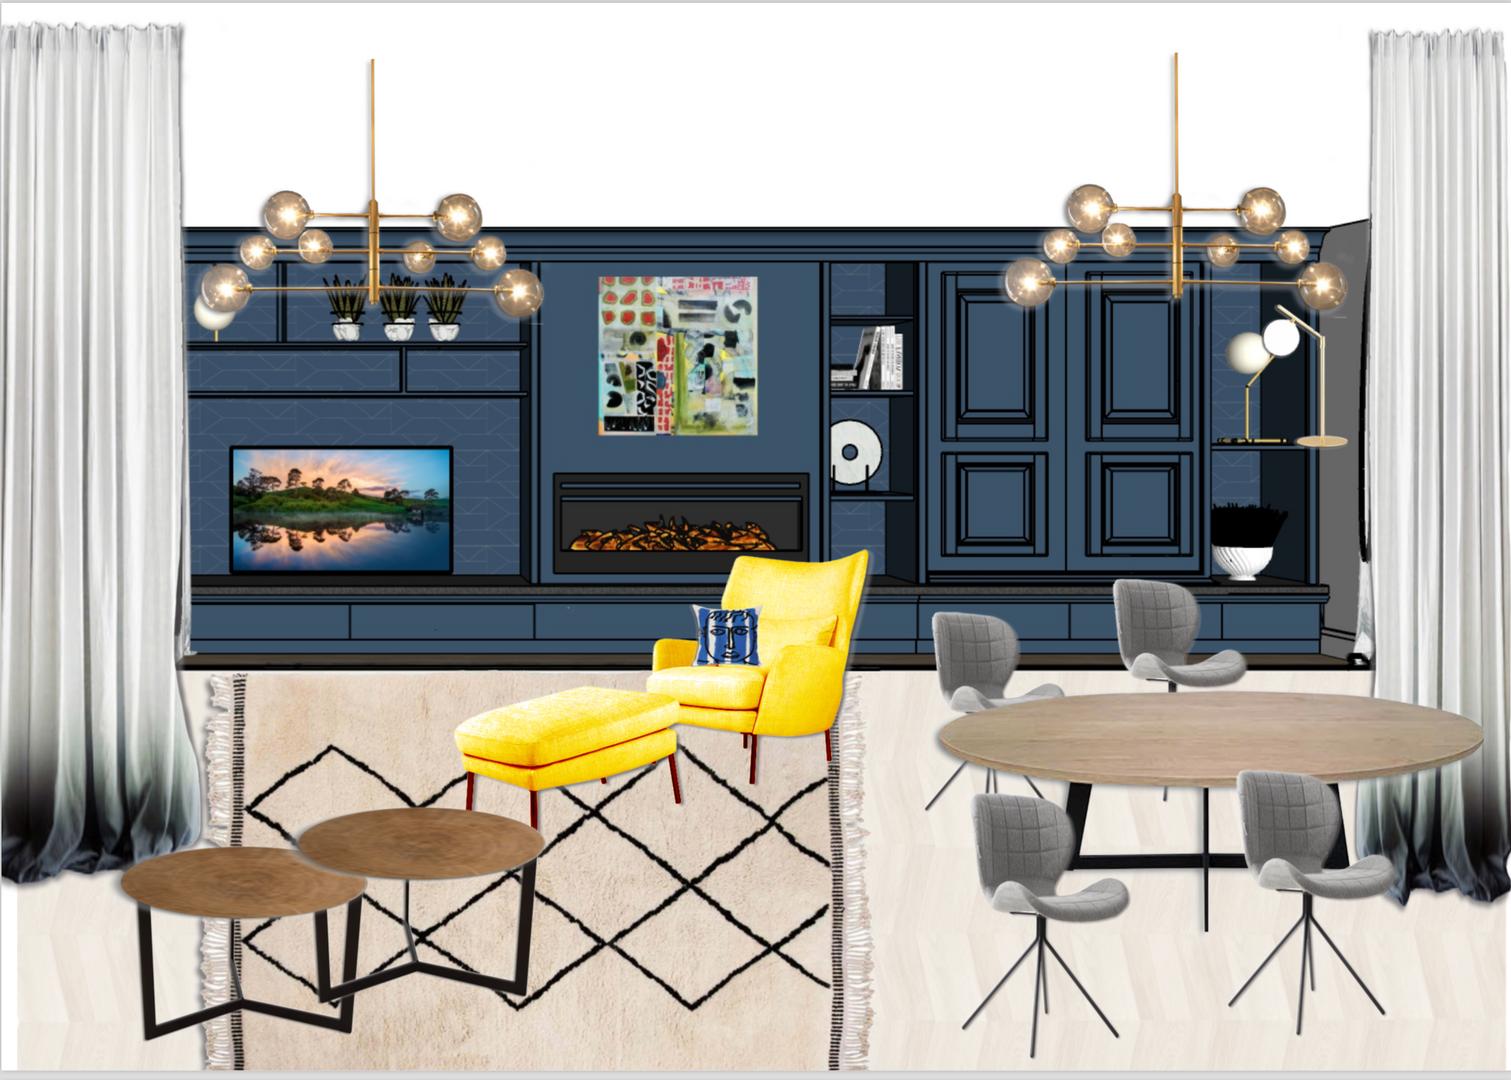 Planche d'ambiance décoration par Sabrina Alvarez, Décoratrice et Architecte d'intérieur UFDI en Ile de France 91 92 75